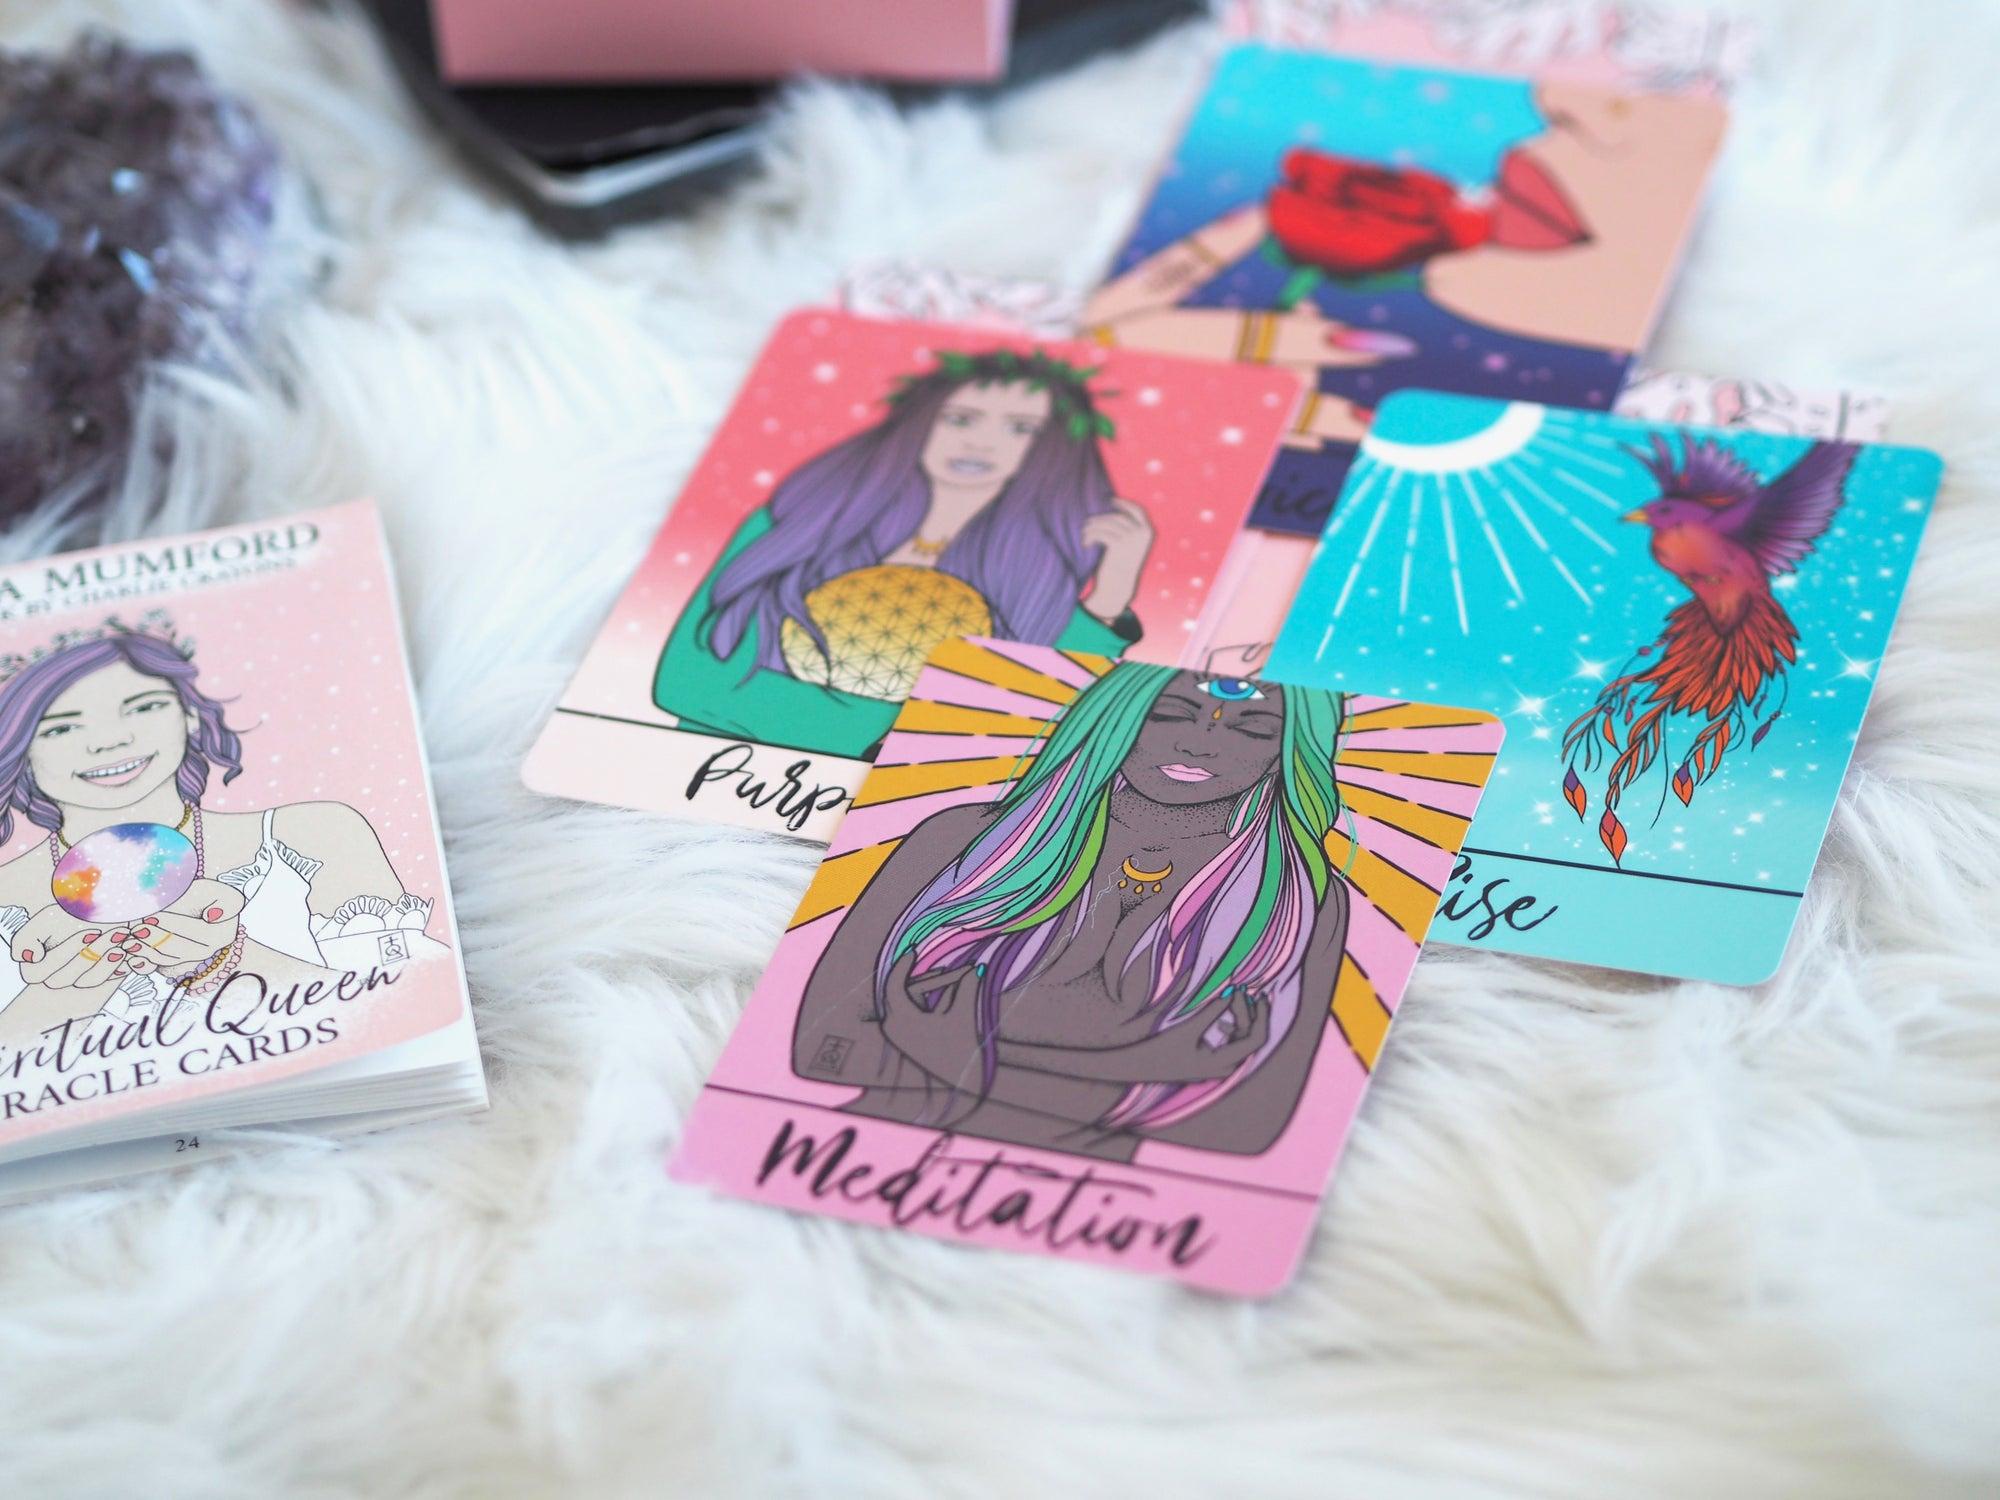 SPIRITUAL QUEEN ORACLE CARDS (44 CARD DECK) | EMMA MUMFORD